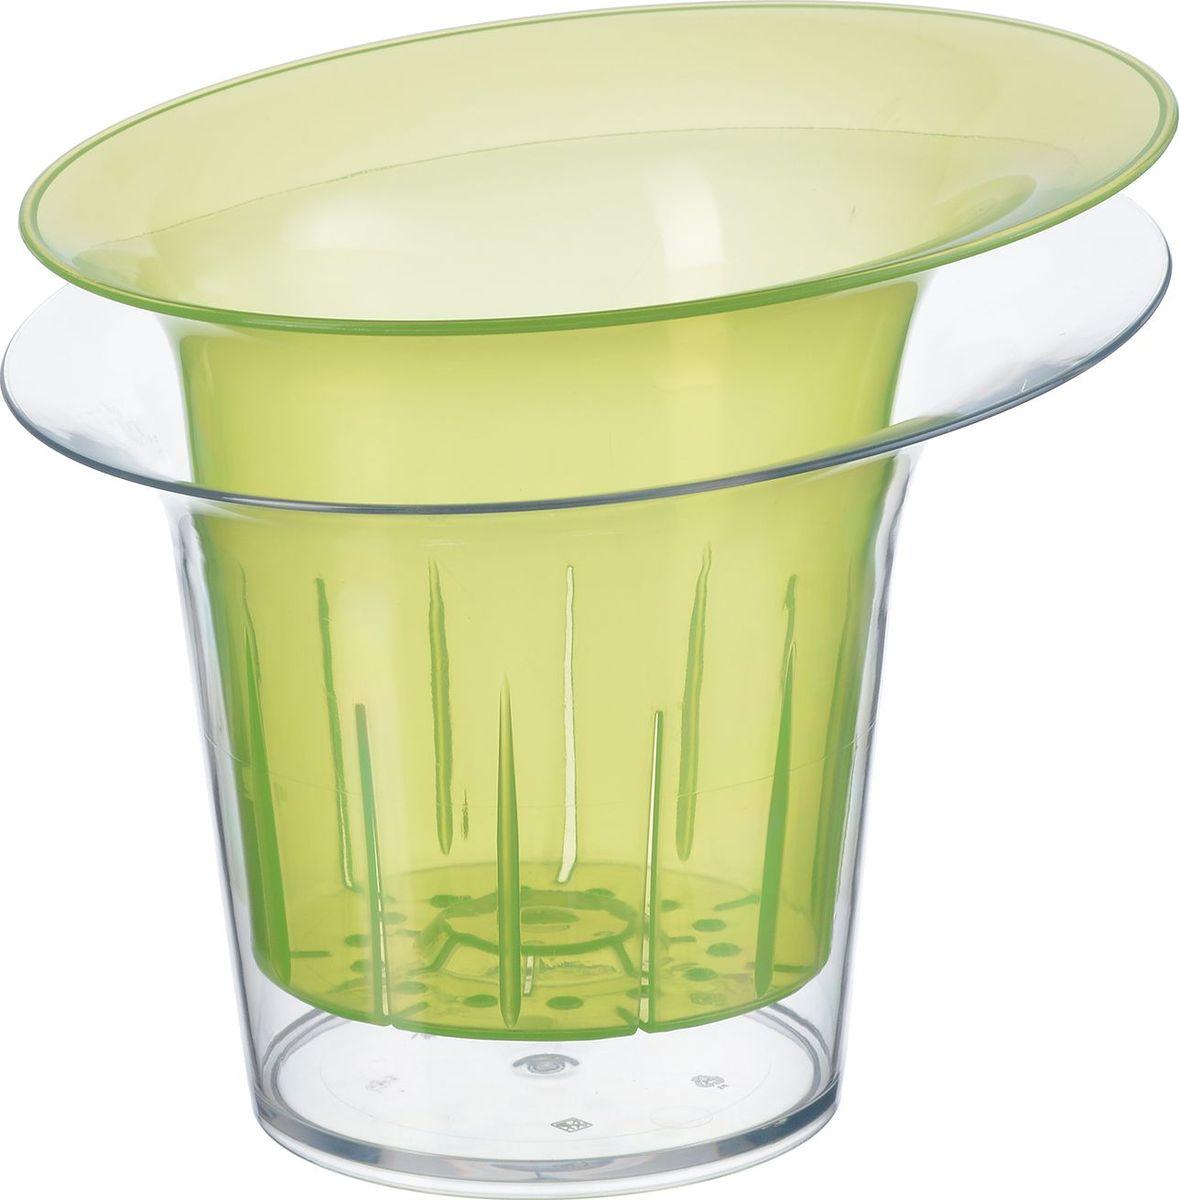 Кашпо для орхидеи Idea Адель, цвет: зеленый прозрачный, 1 л. М 3104М 3104_зеленый прозрачныйКашпо для орхидеи Idea Адель изготовлено из прочного пластика. Изделие прекрасно подходит для выращивания растений и цветов в домашних условиях. Стильный современный дизайн органично впишется в интерьер помещения.Диаметр кашпо: 19 см. Высота кашпо: 17 см. Объем кашпо: 1 л.